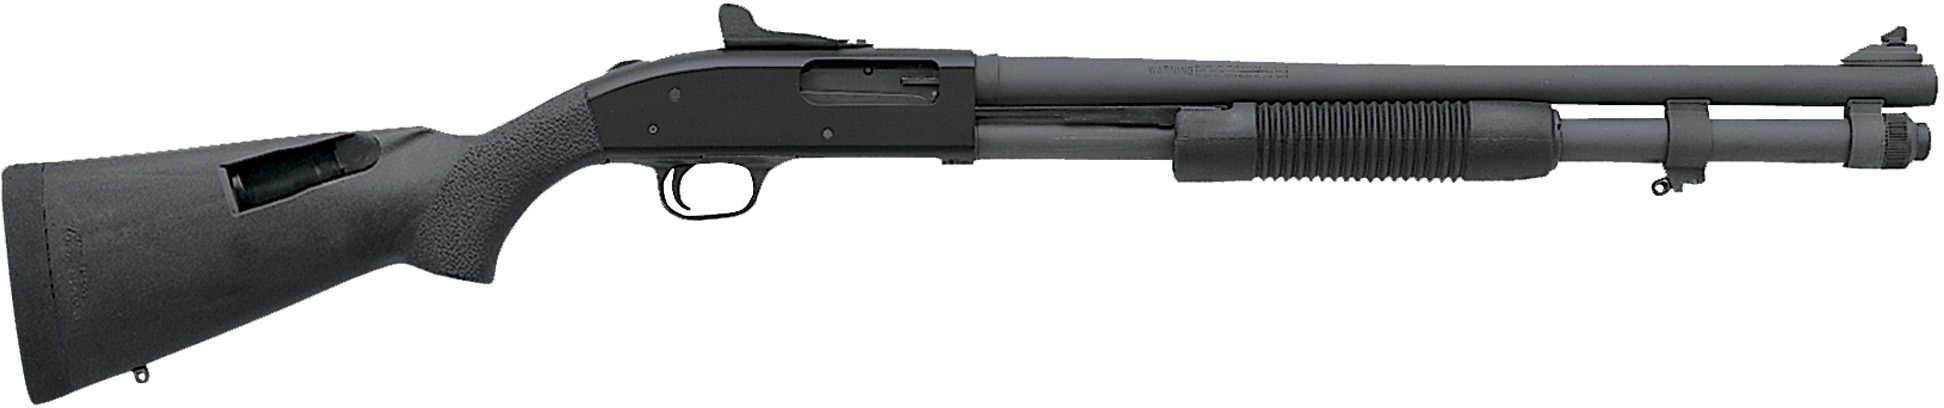 """Mossberg 590A1 12 Gauge Shotgun 20"""" Barrel Ghost Ring Parkerized Cylinder Bore 51668"""